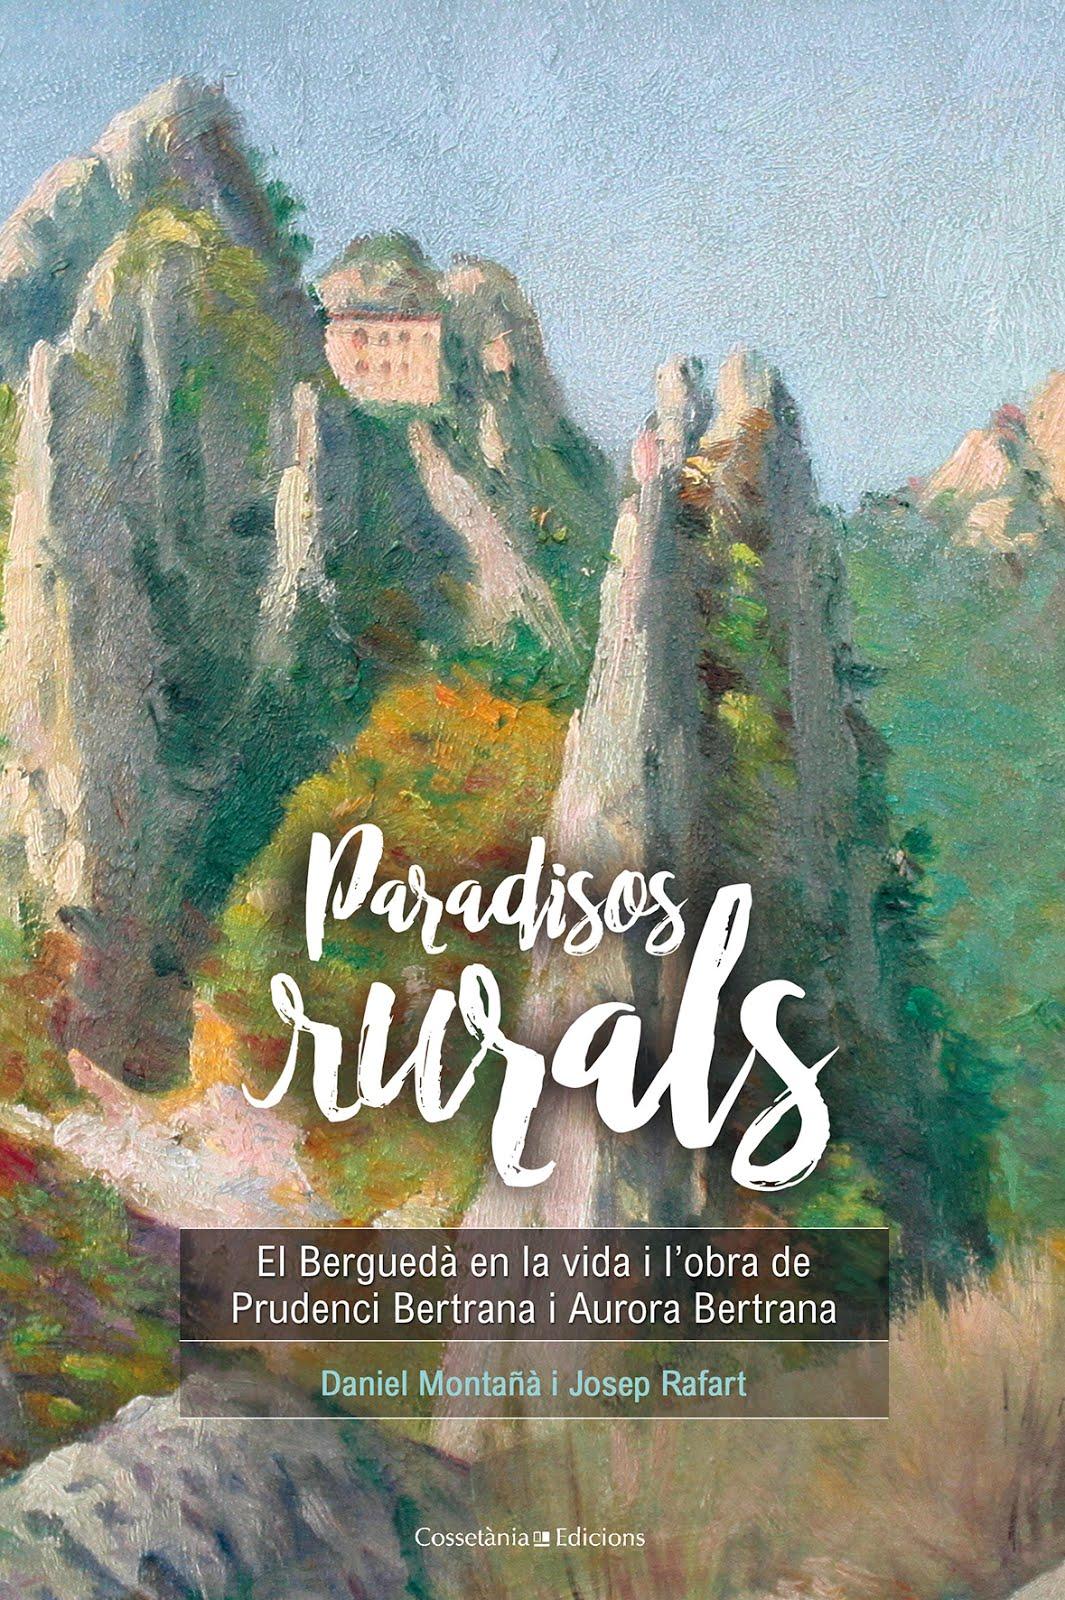 Paradisos rurals. El Berguedà en la vida i l'obra de Prudenci Bertrana i Aurora Bertrana